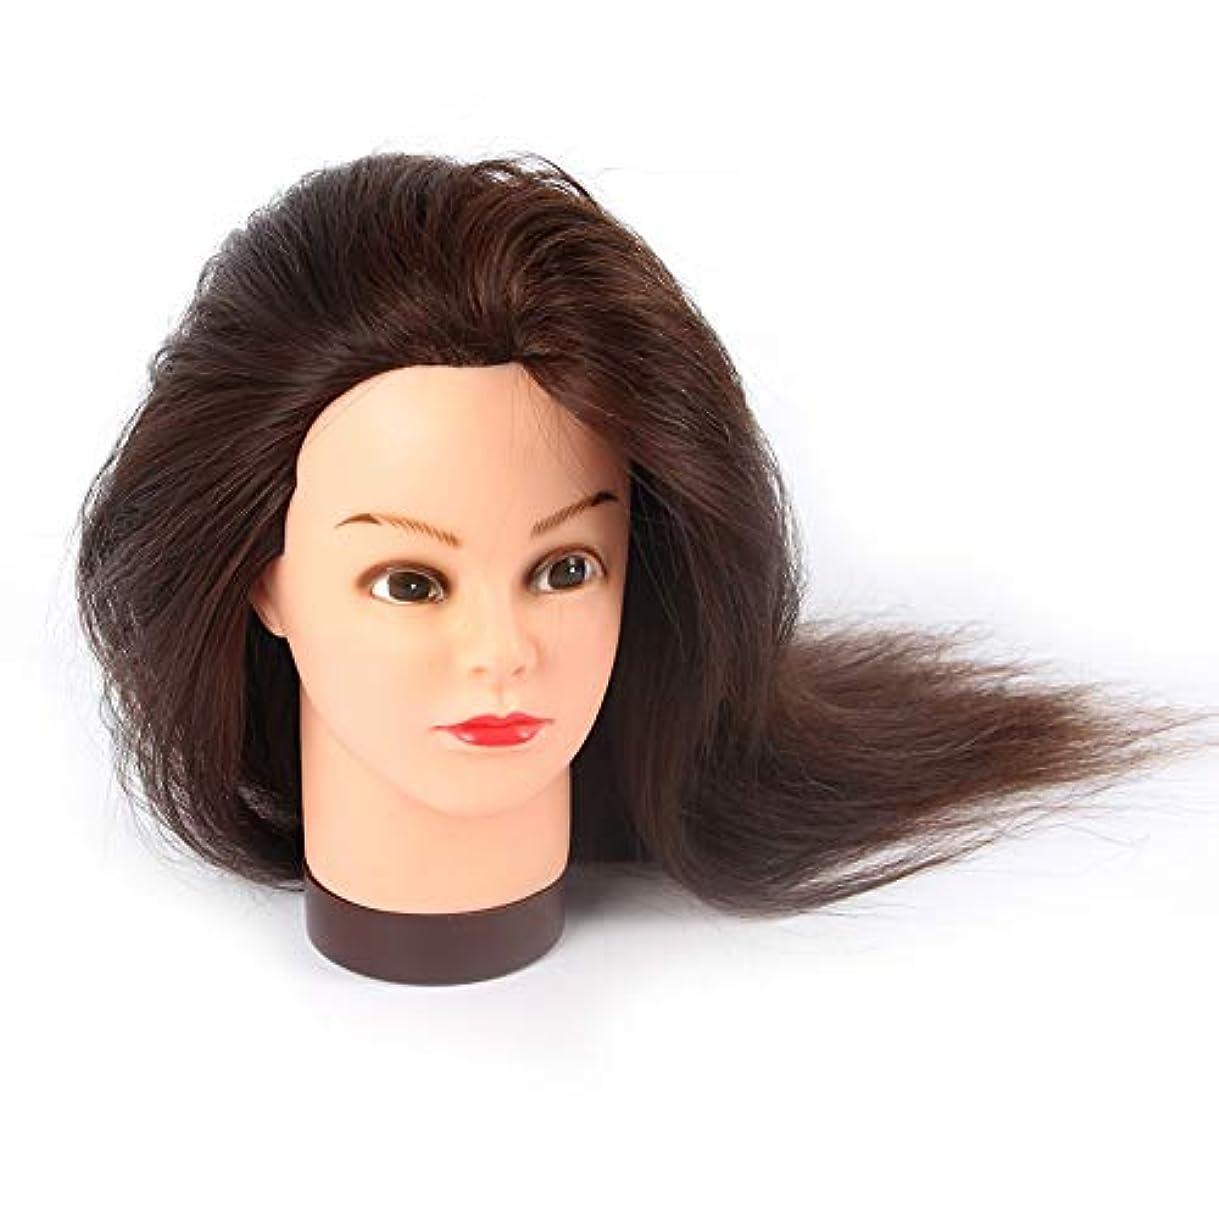 ベット無駄だ脱走花嫁メイクモデリング教育ヘッド本物の人物ヘアダミーヘッドモデル理髪店学習パーマ髪染めモデルヘッド